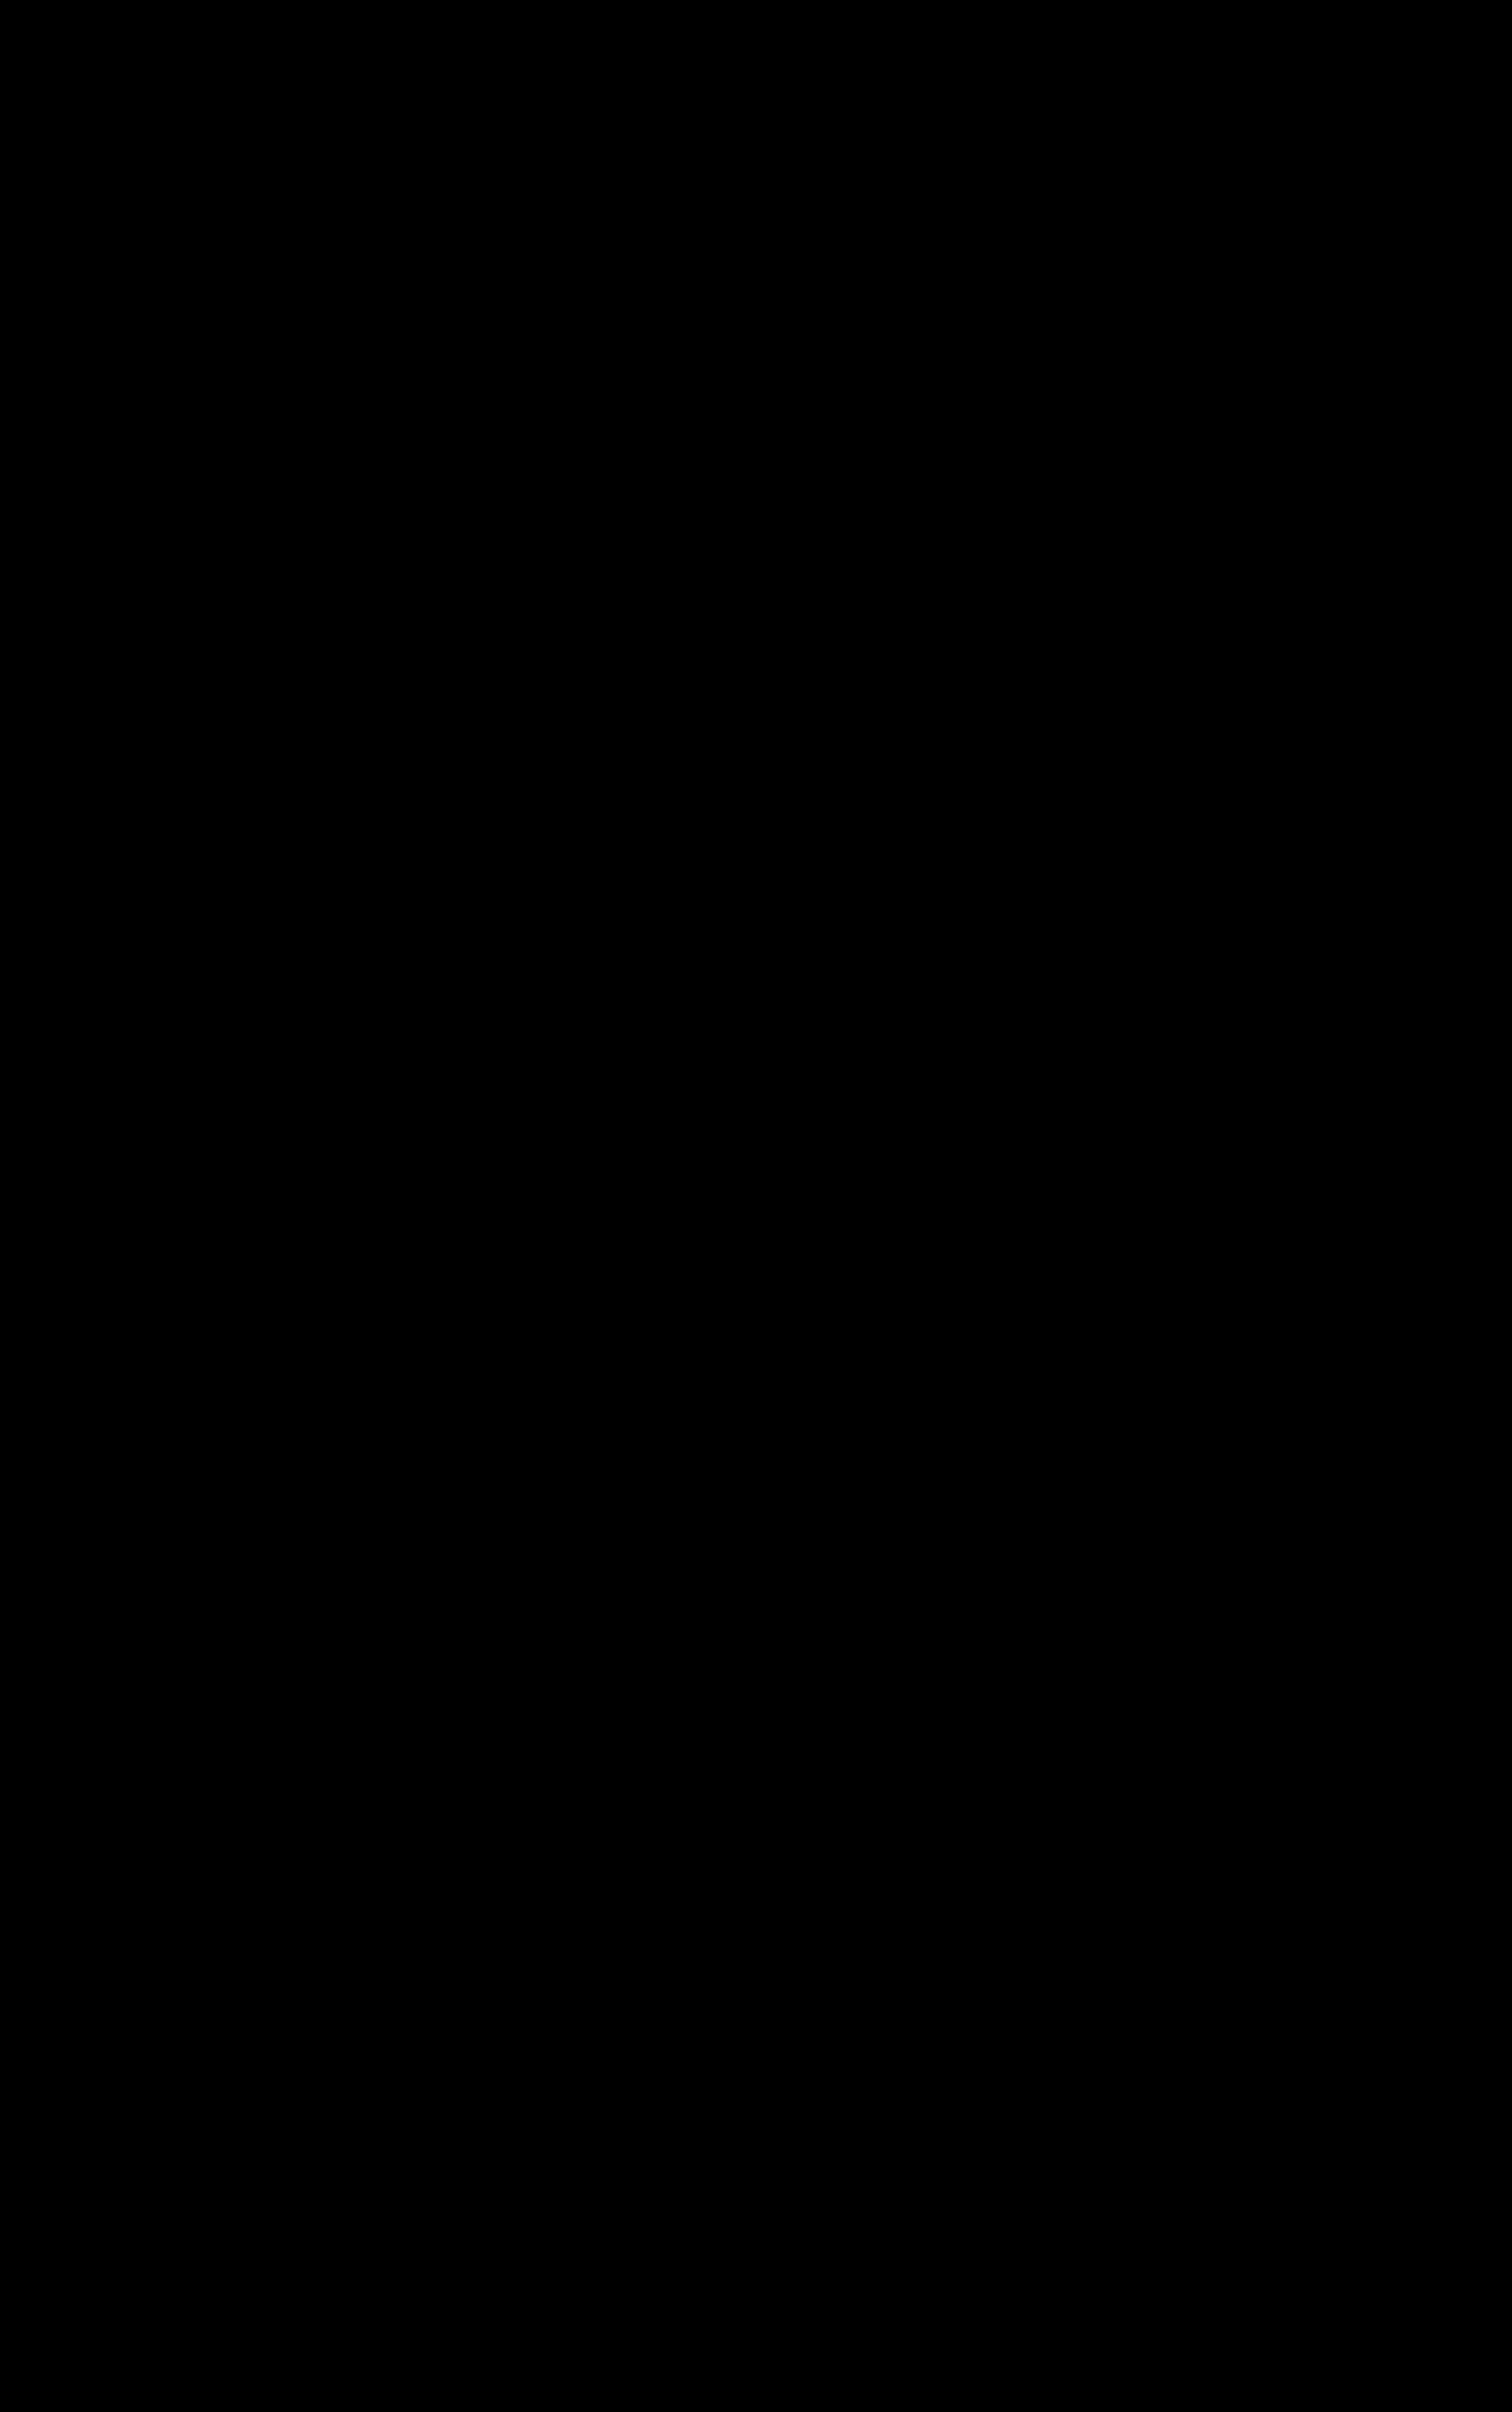 Petite Tan Leopard Print Neon Stripe Wide Leg Pants  3